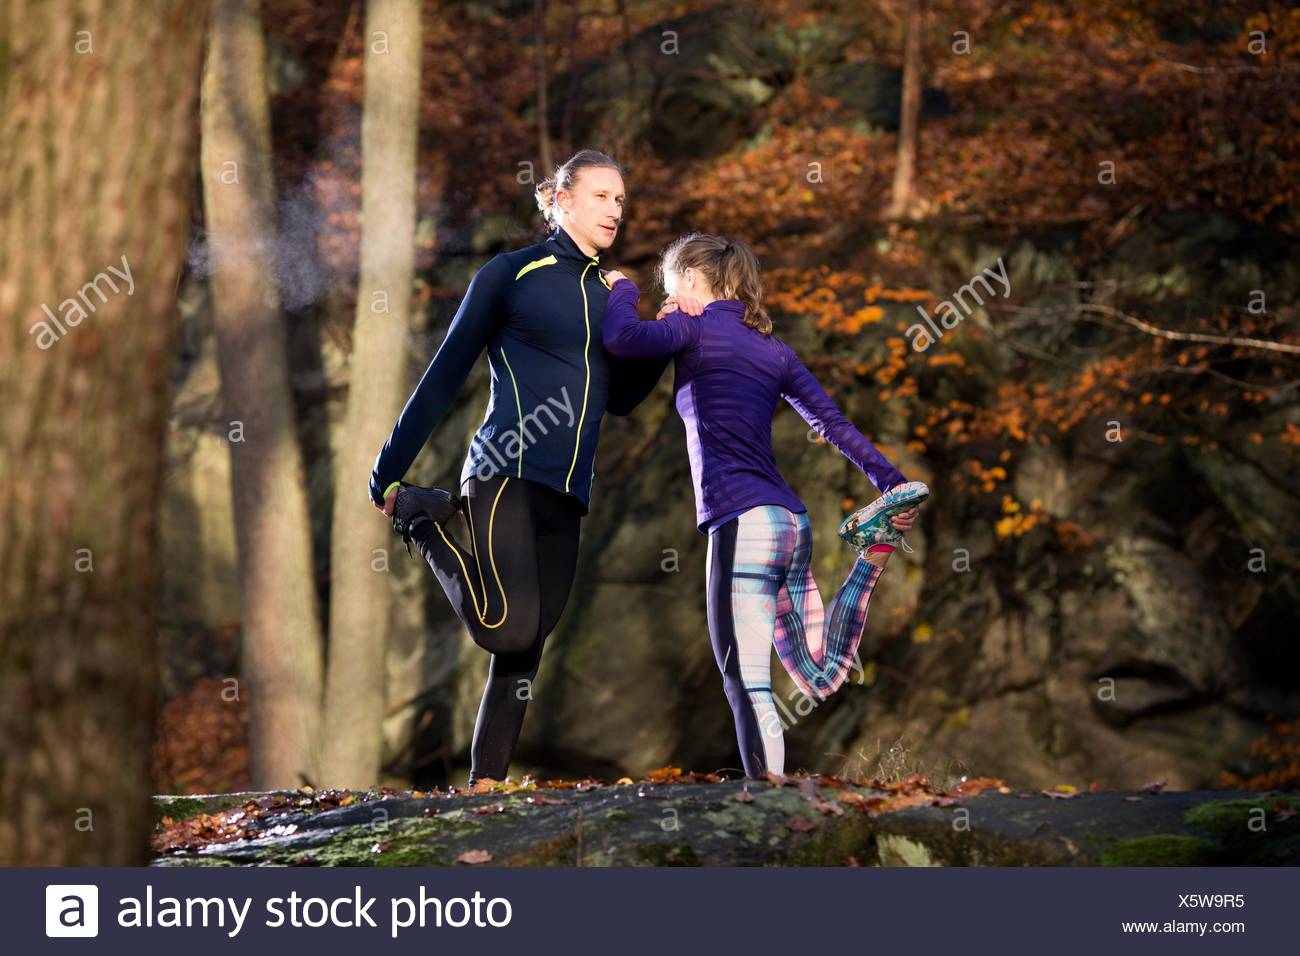 Couple in forest appuyé contre chaque autre jambe soulevée maintenant étirement pied Photo Stock